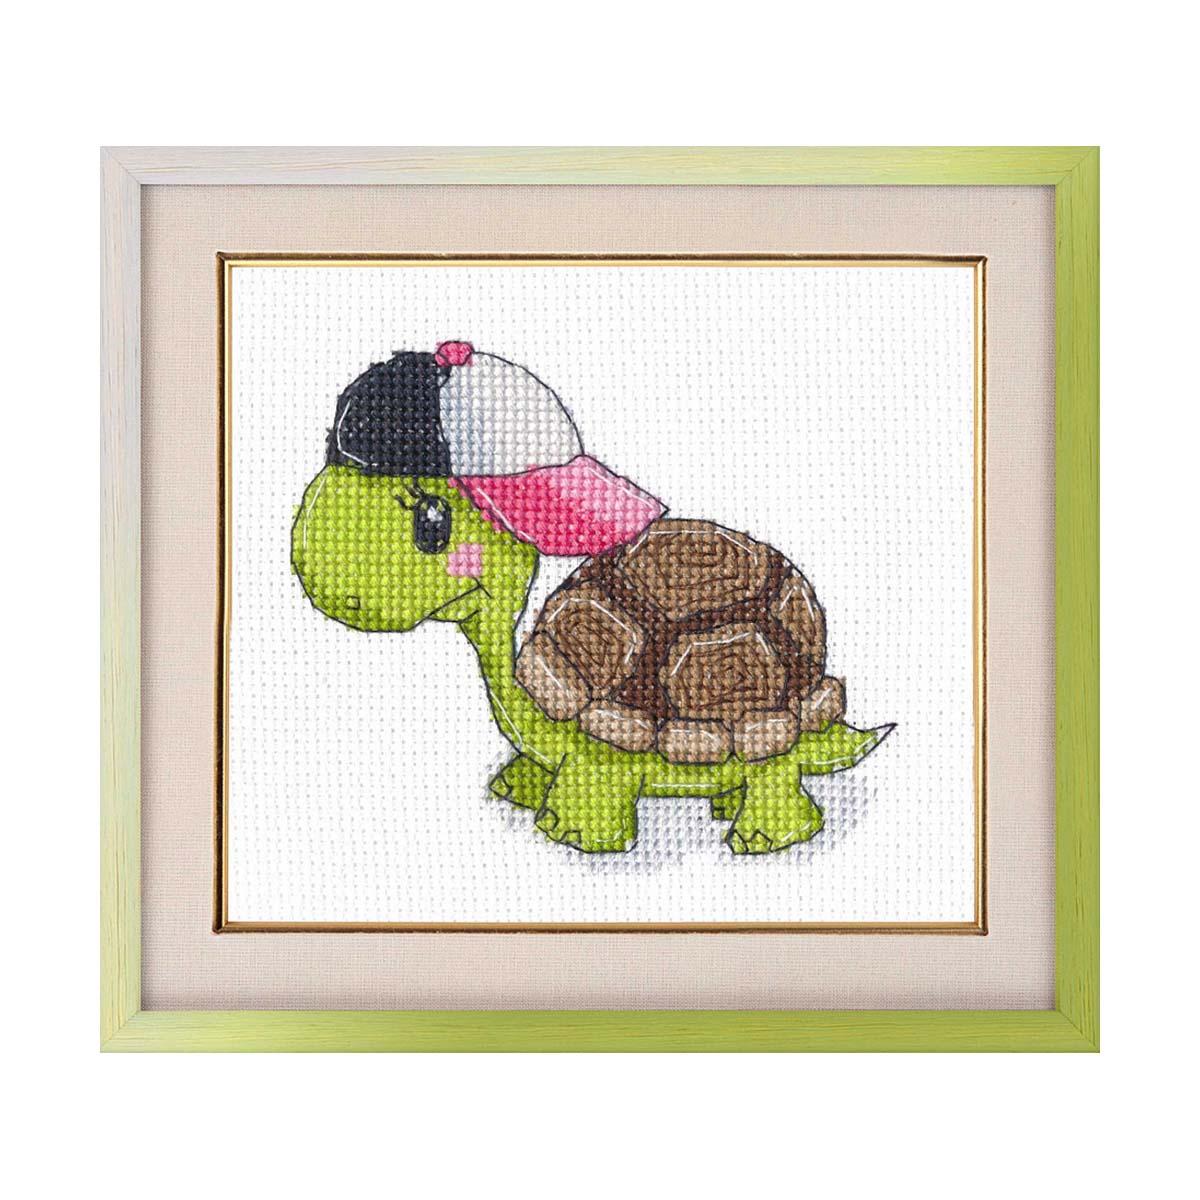 Набор для вышивания Черепашонок 9 × 10см арт. 1279 ОВЕН фото